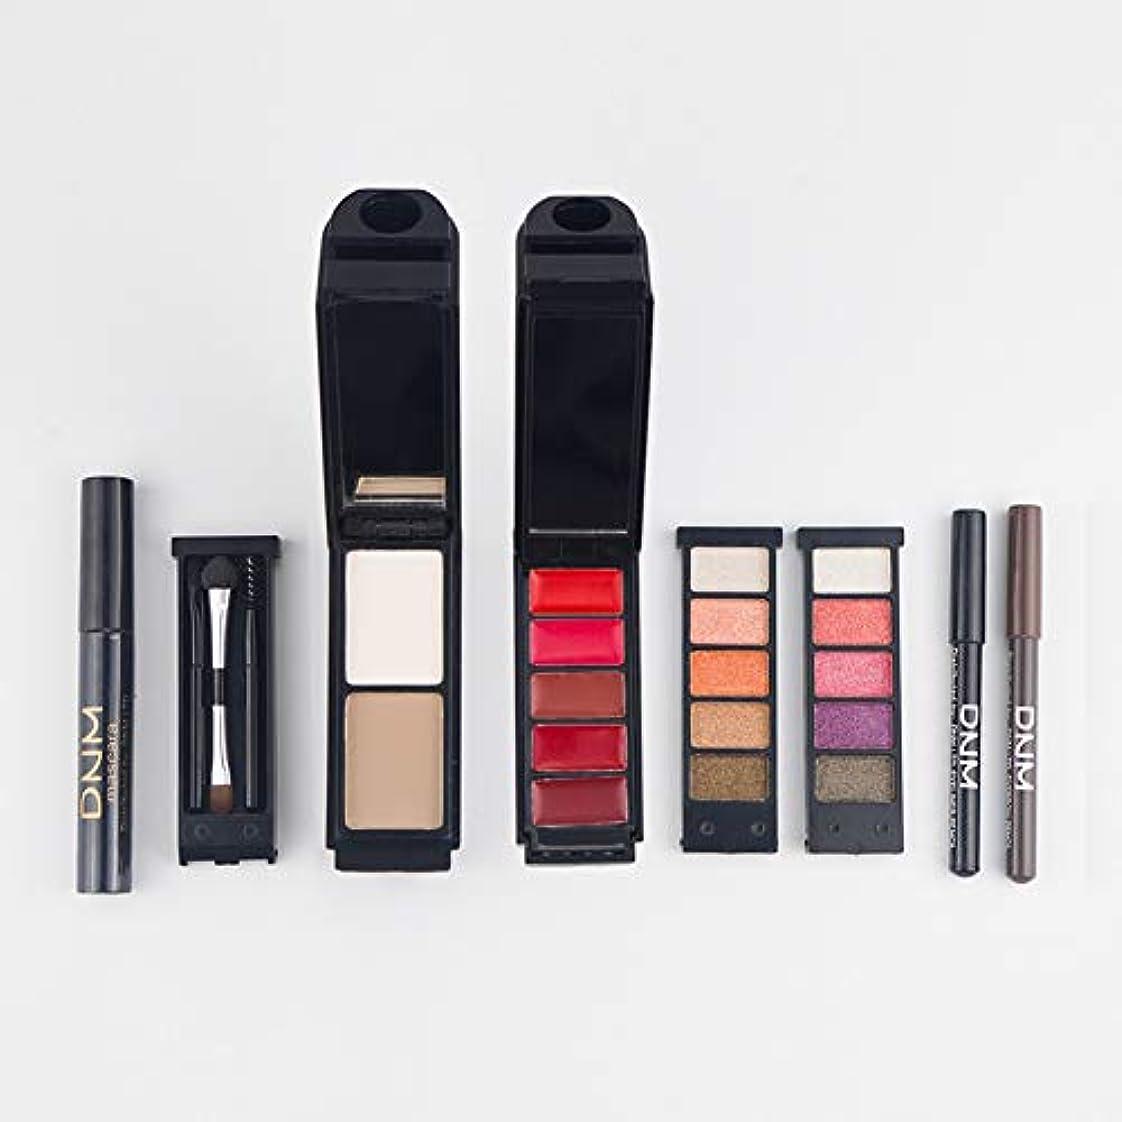 スマート狂う憂鬱Rabugogo 8個/セット女性の化粧品セット口紅+コンシーラー+アイシャドー+アイライナー+マスカラ+アイブロウペンシル